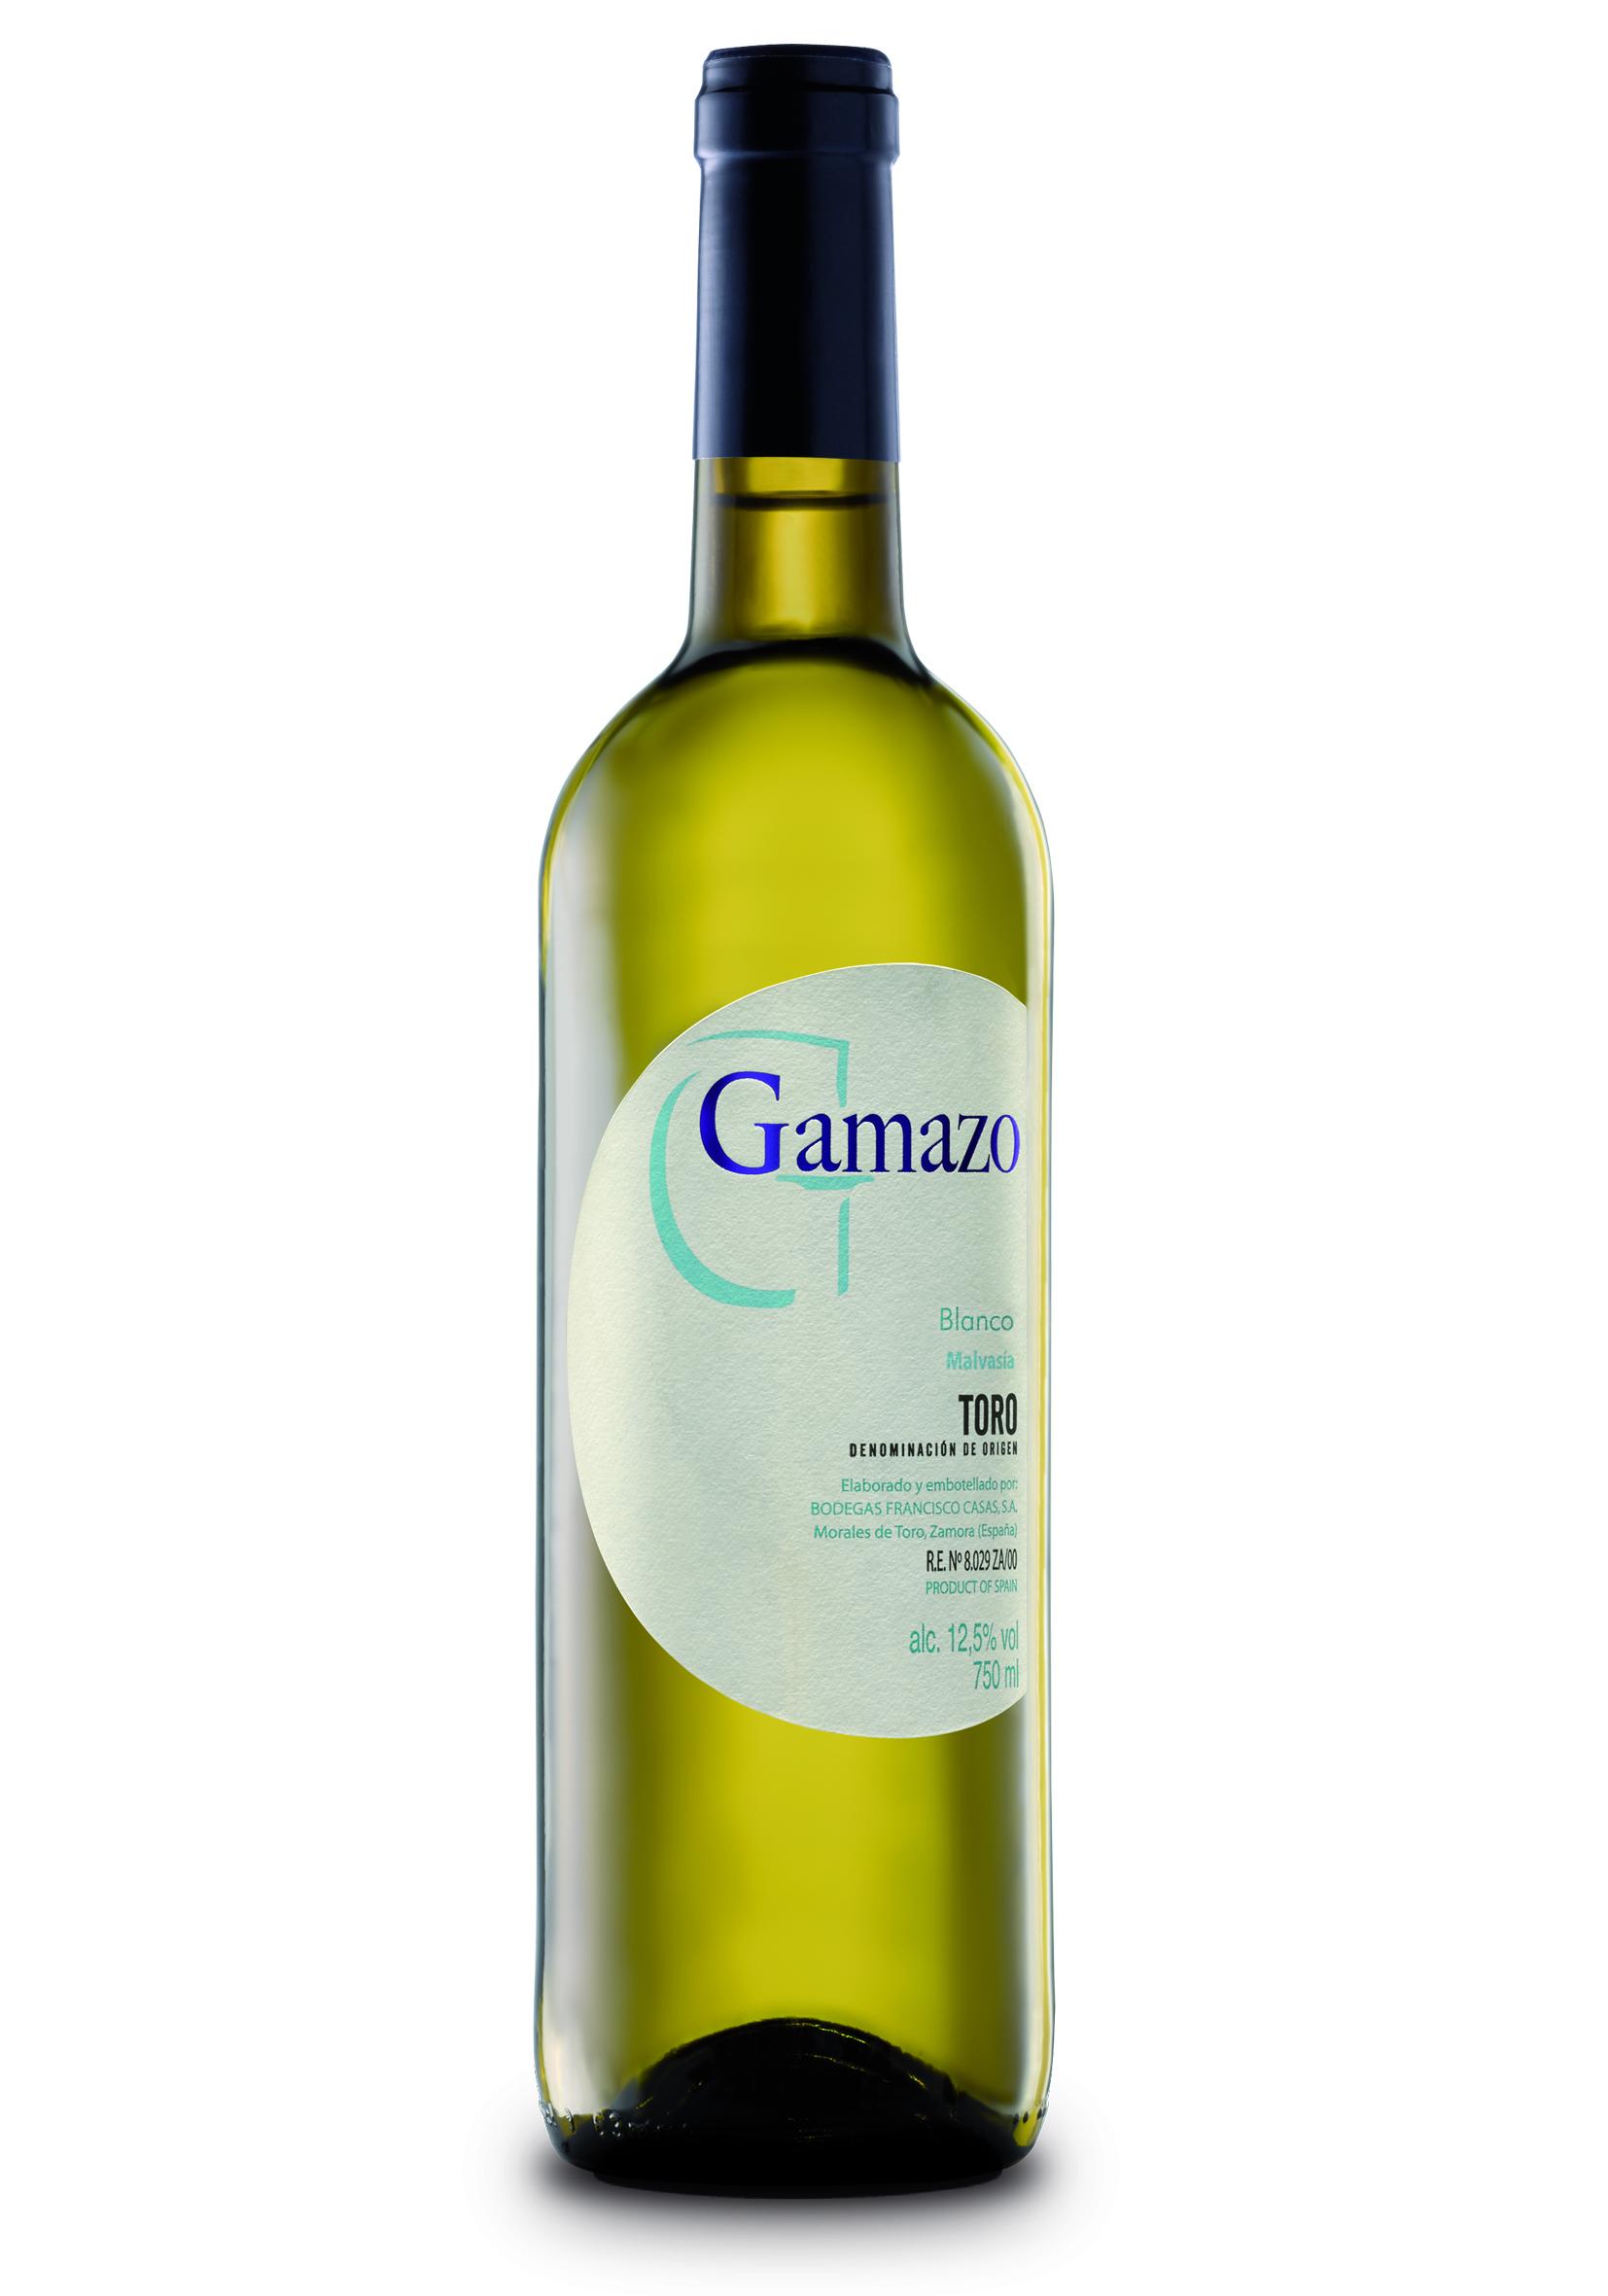 Vino Gamazo blanco. Bodegas Francisco Casas. D.O. Toro